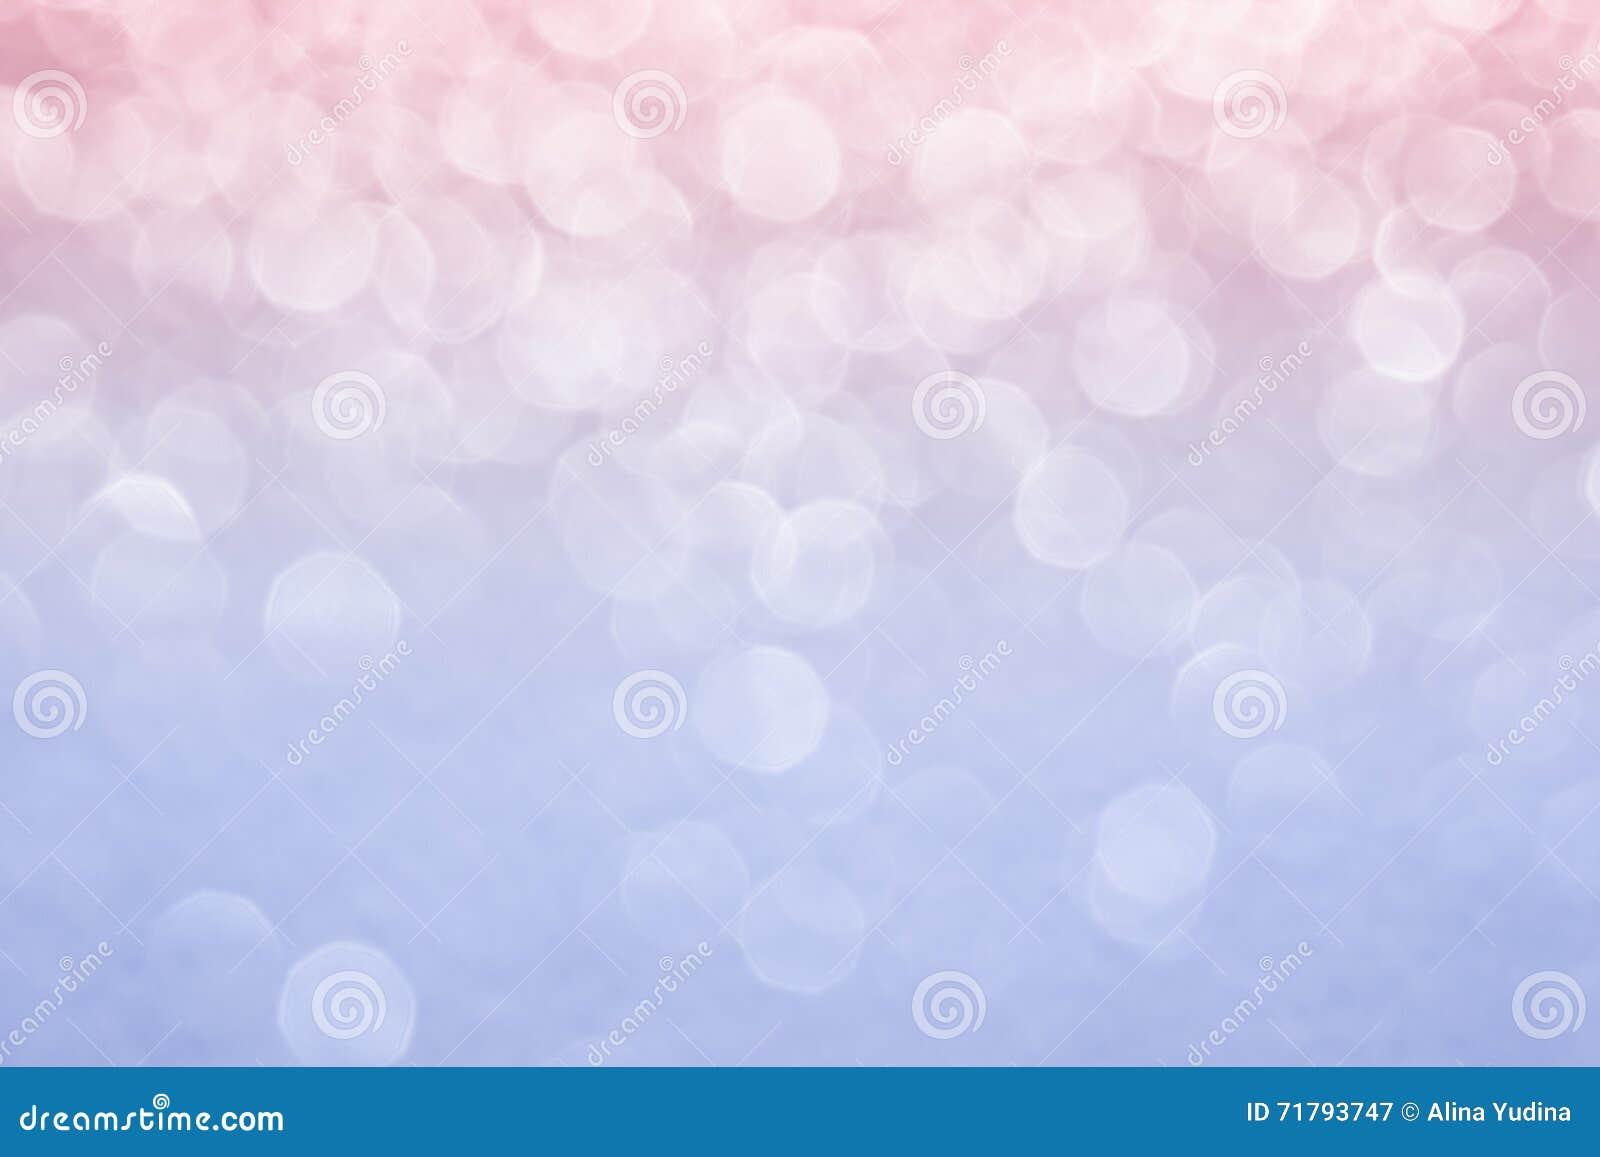 abstract blurred background pink background rose quartz color serenity color trend color. Black Bedroom Furniture Sets. Home Design Ideas